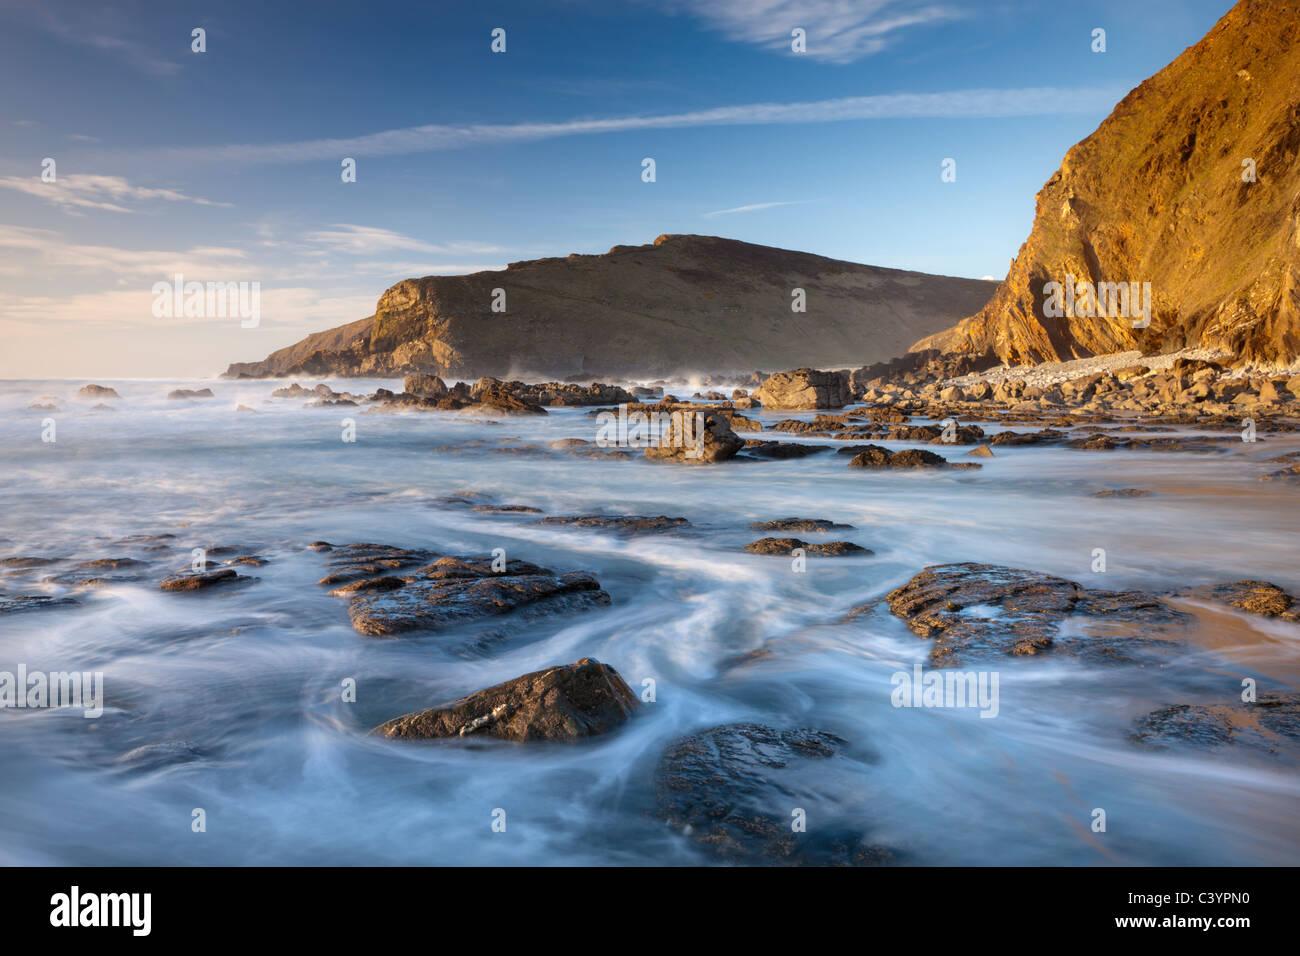 Flut überschwemmt die Felsvorsprüngen der Duckpool Strand an der Küste von North Cornish, Cornwall, Stockbild